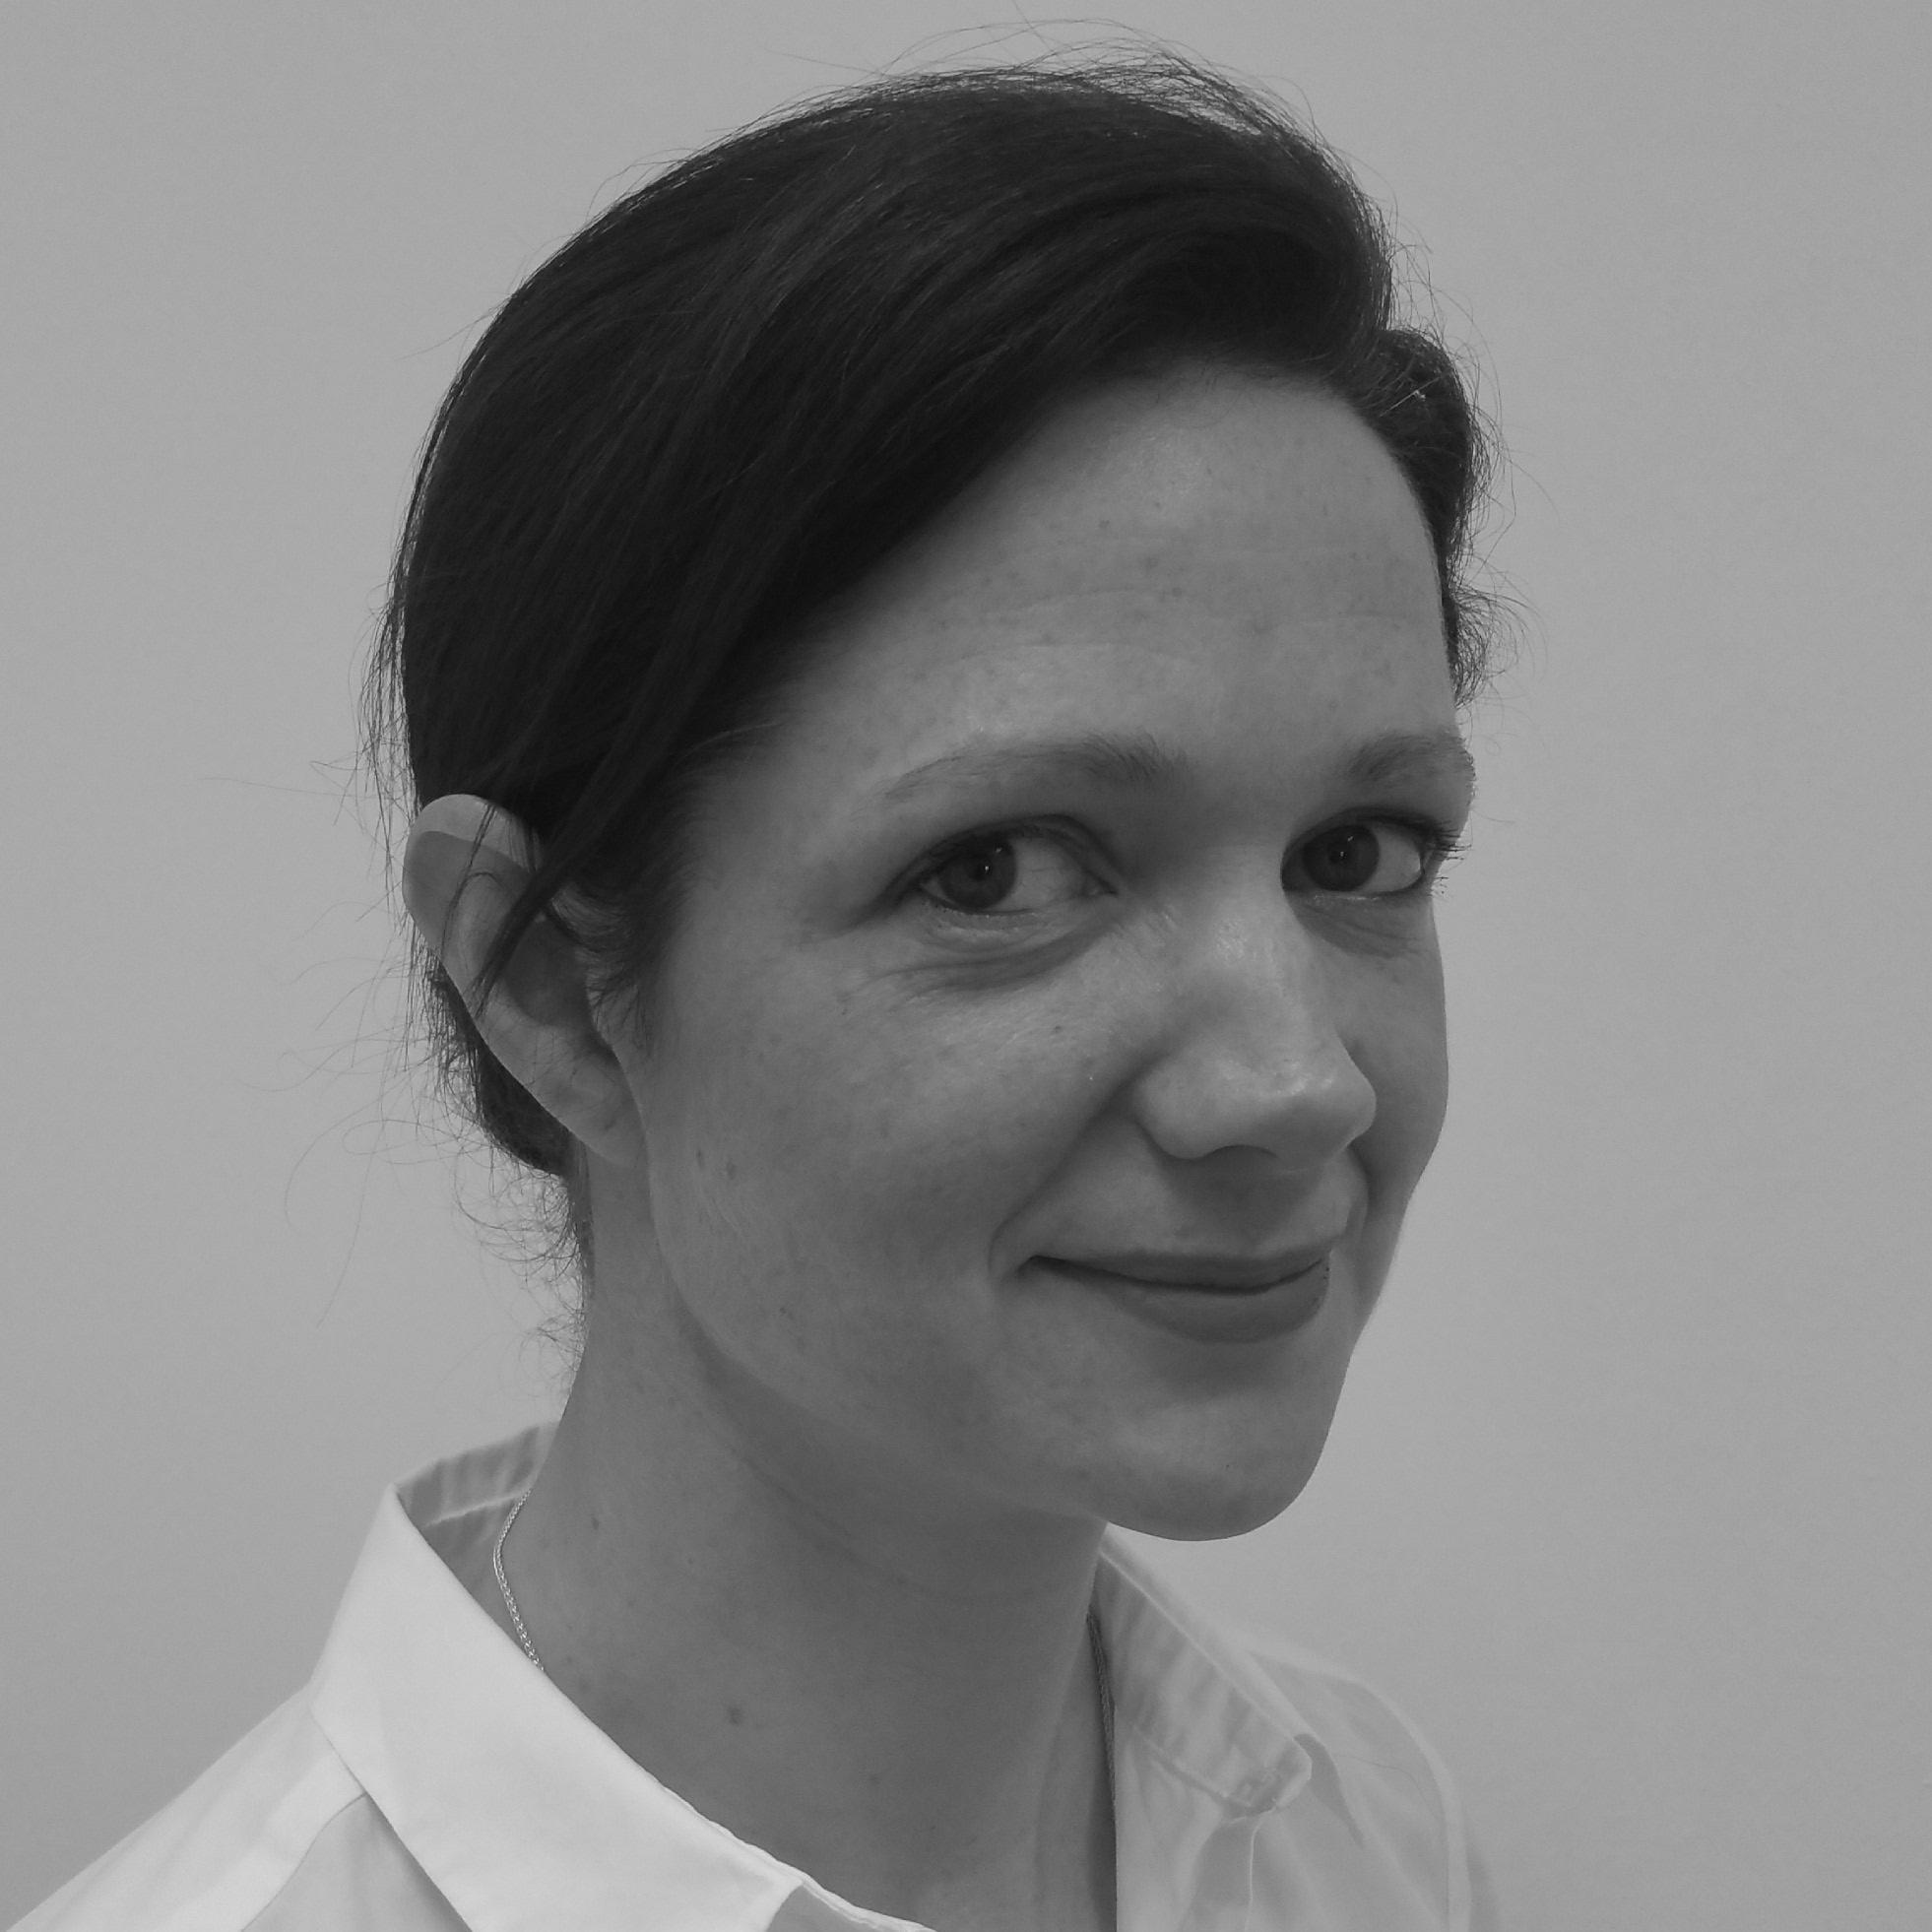 Heather McKay